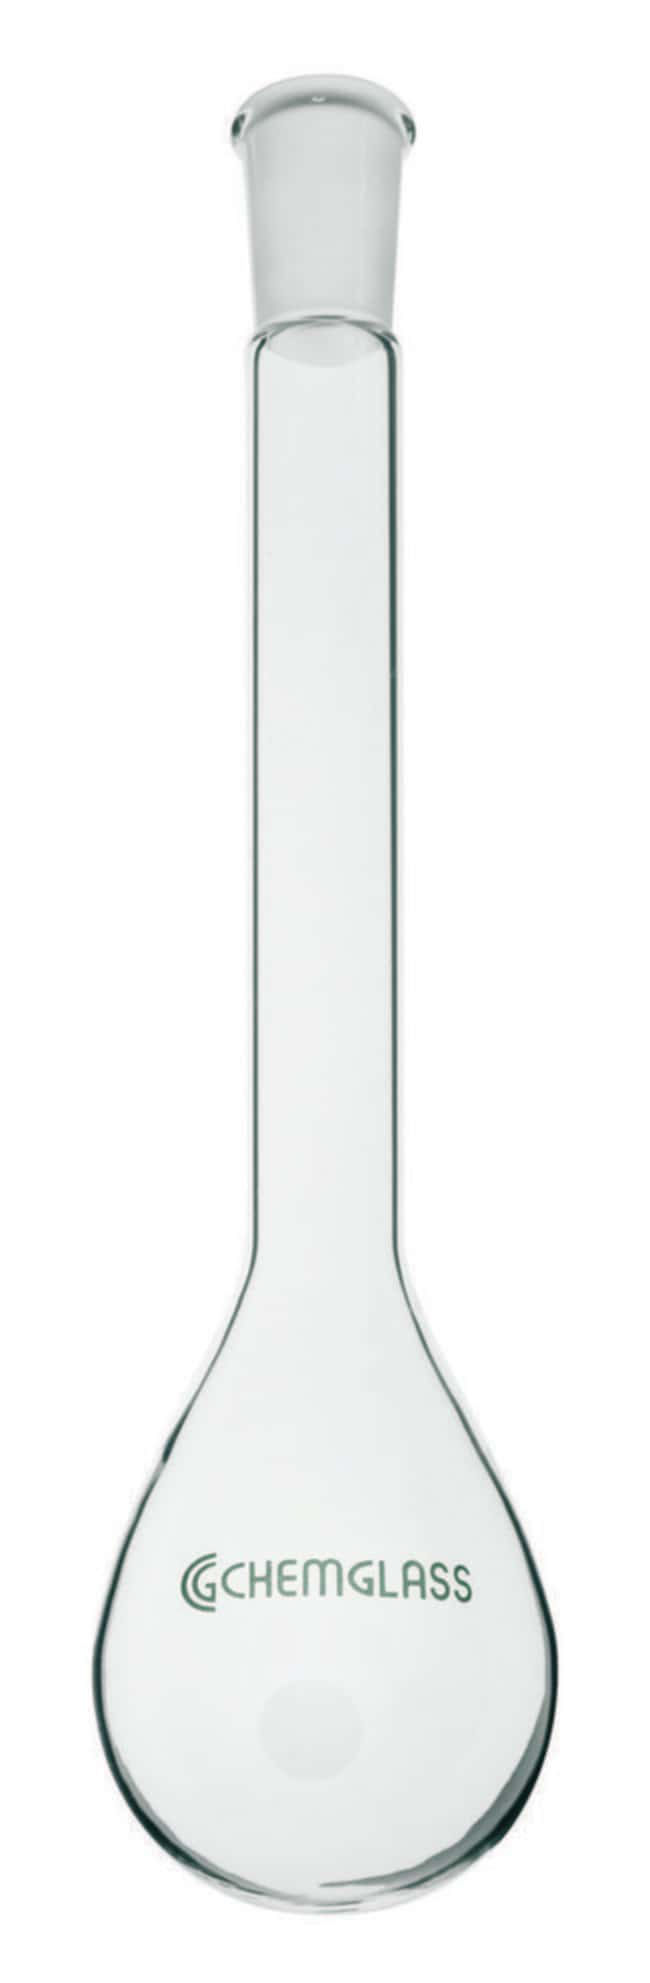 Chemglass Life Sciences100mL Kjeldahl Flask, Long Neck, 14/20 Outer Joint